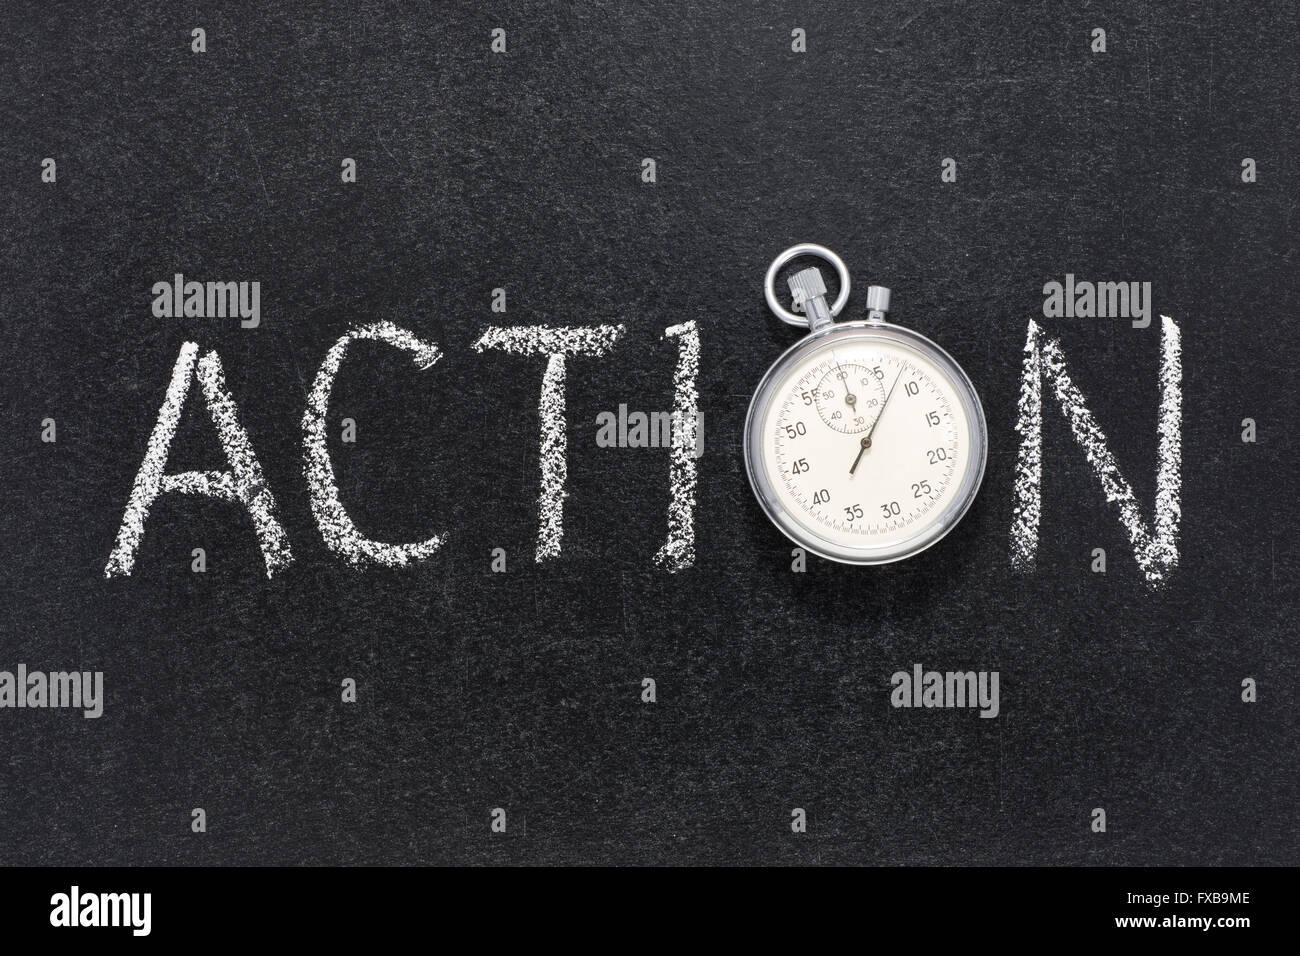 Action-Wort handschriftlich auf Tafel mit Vintage präzise Stoppuhr verwendet anstelle von O Stockbild